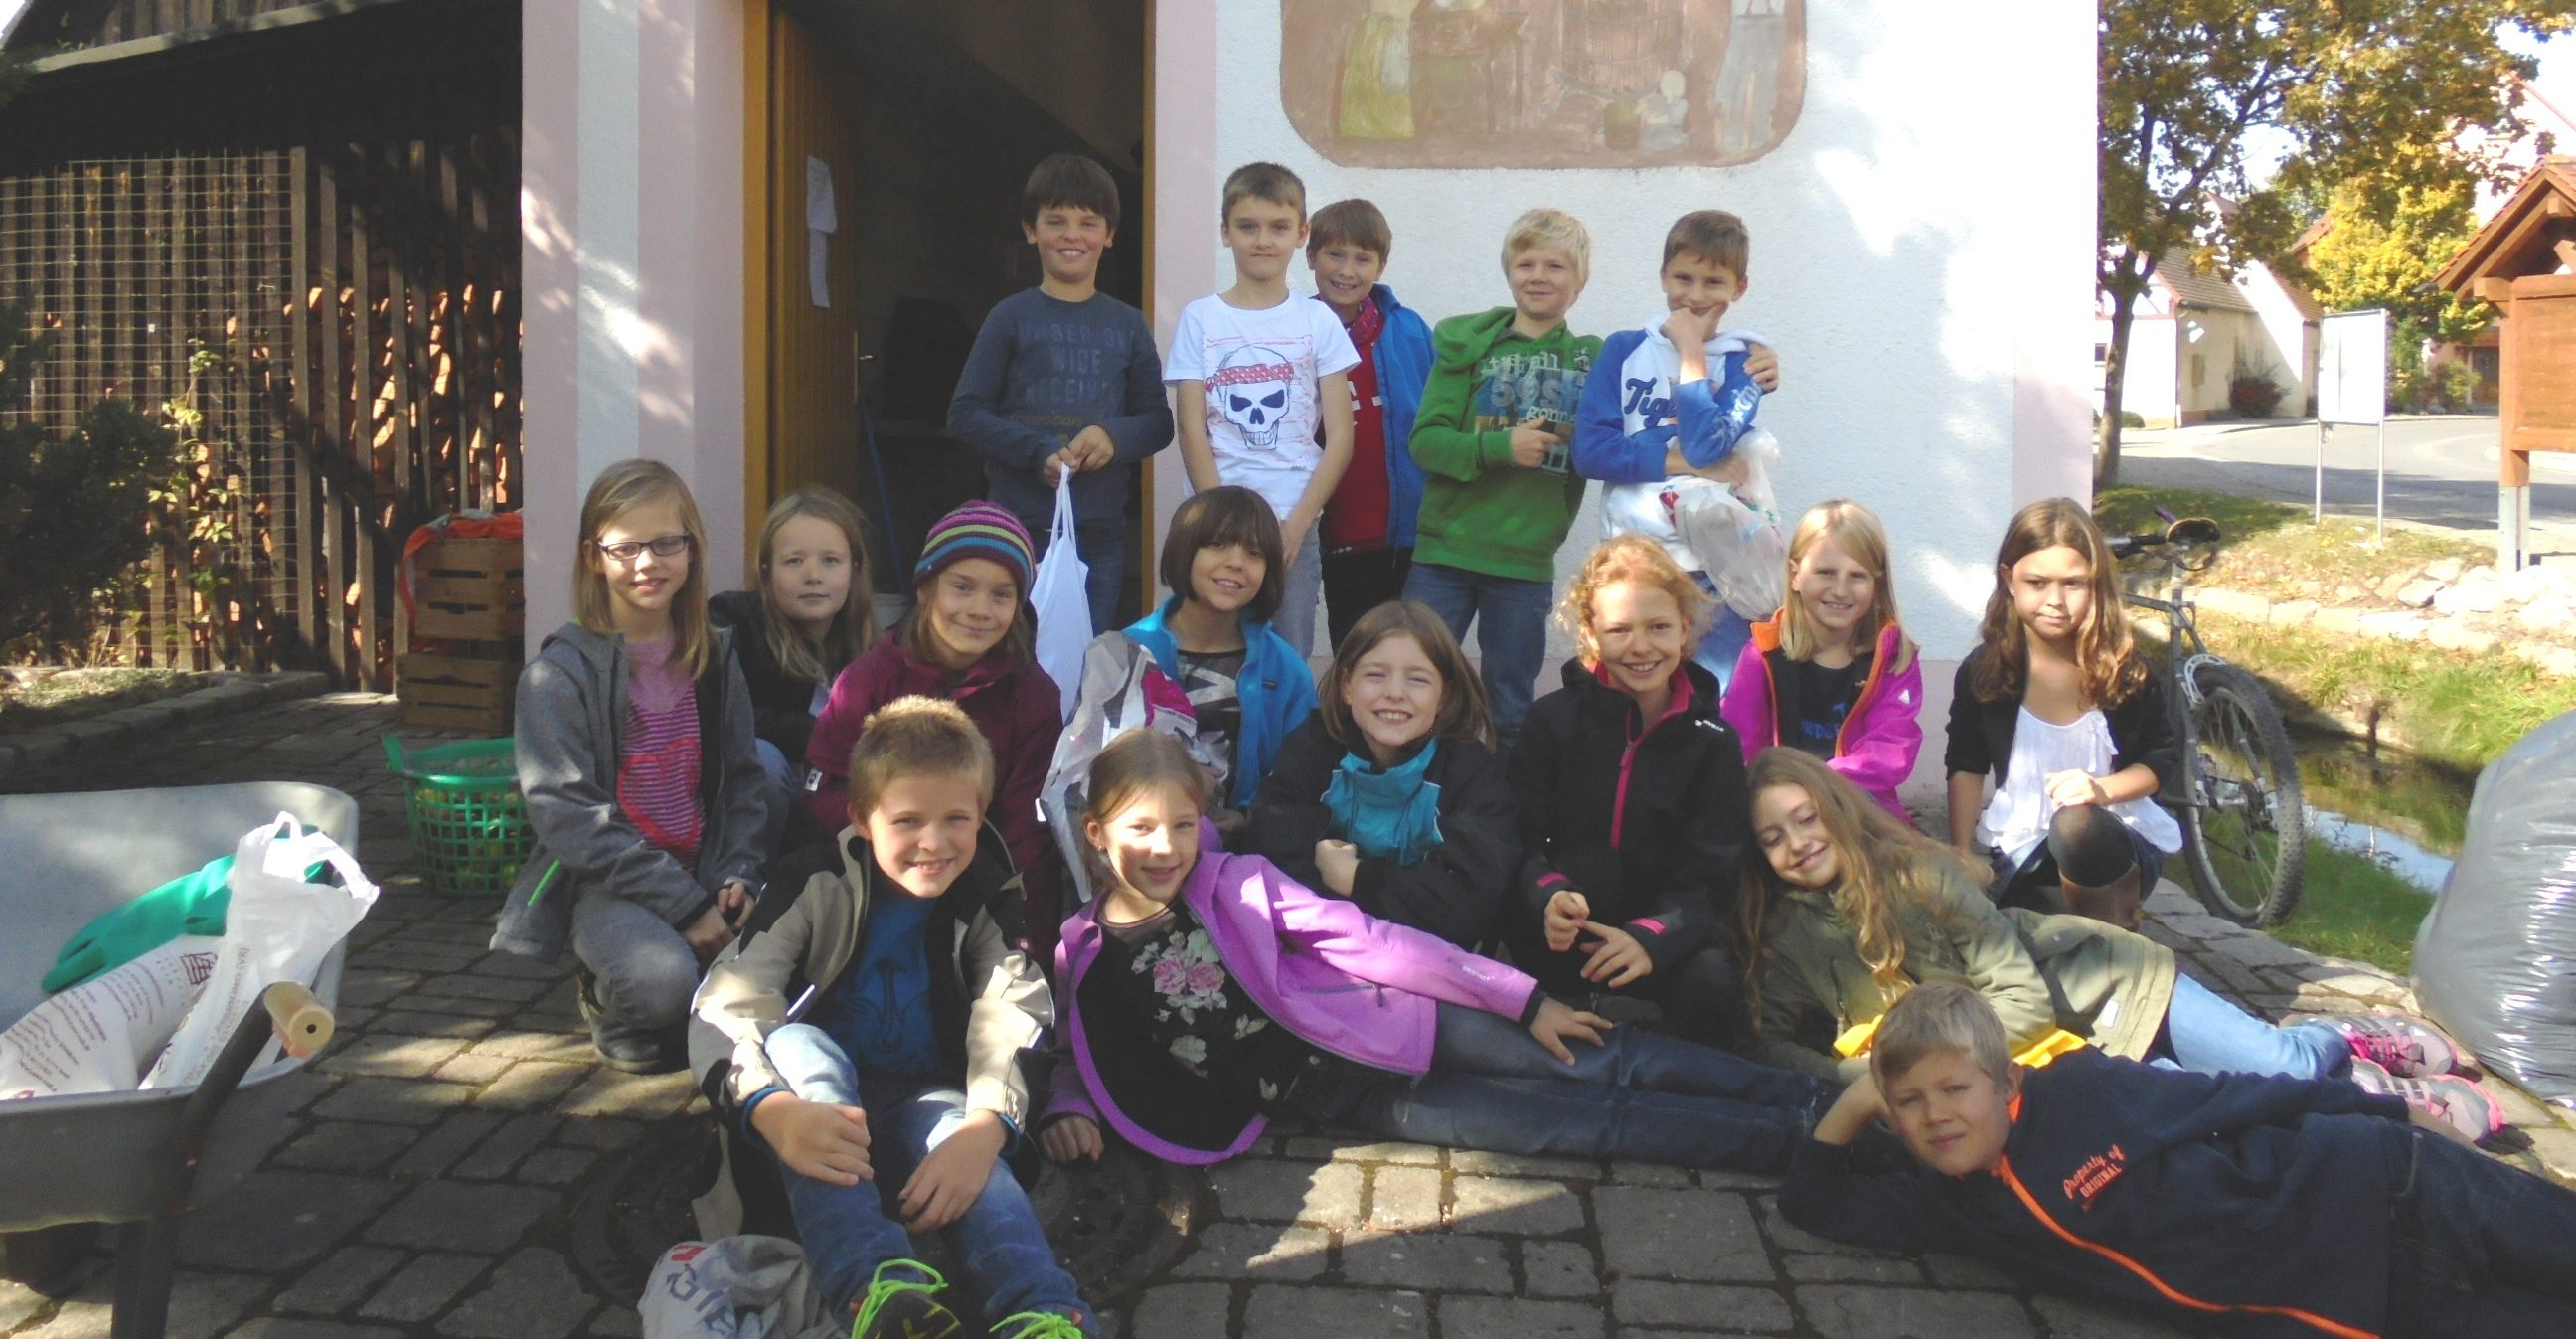 Die Klasse 4b der Grundschule Offenhausen. (Quelle: privat)